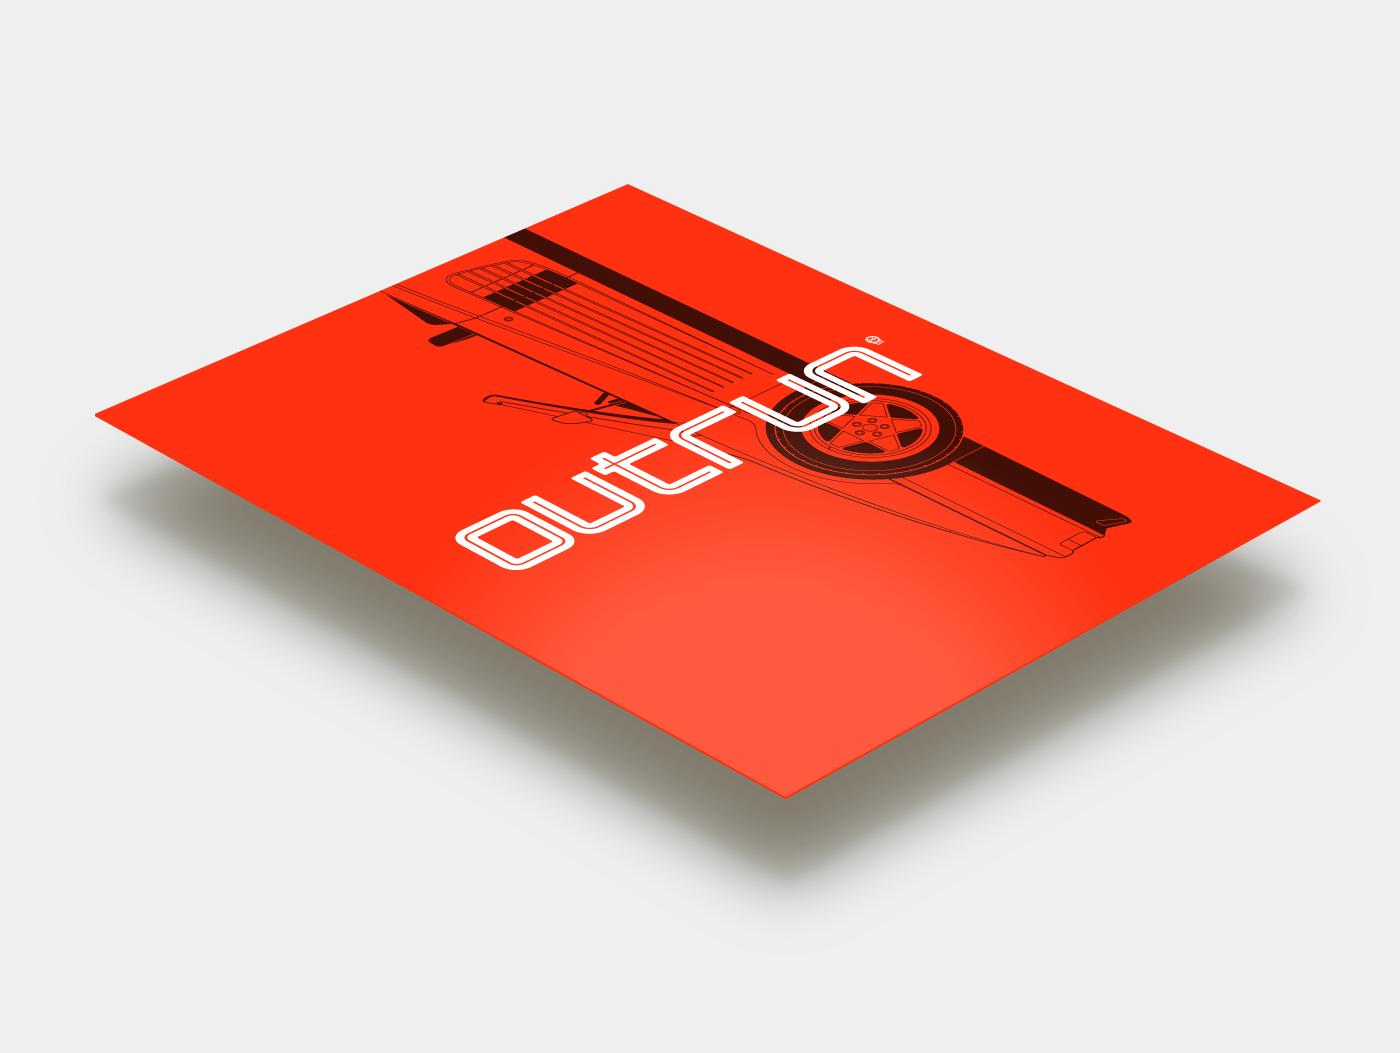 OTR-04